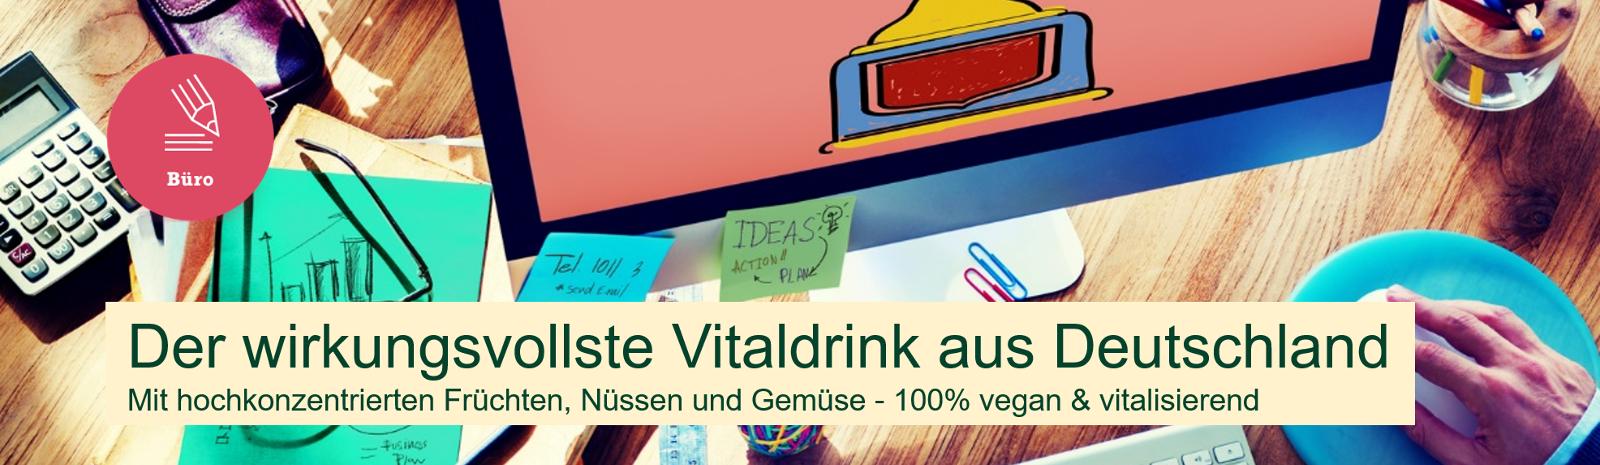 substanz natural vitalizer - vitaldrink früchte nüsse gemüse